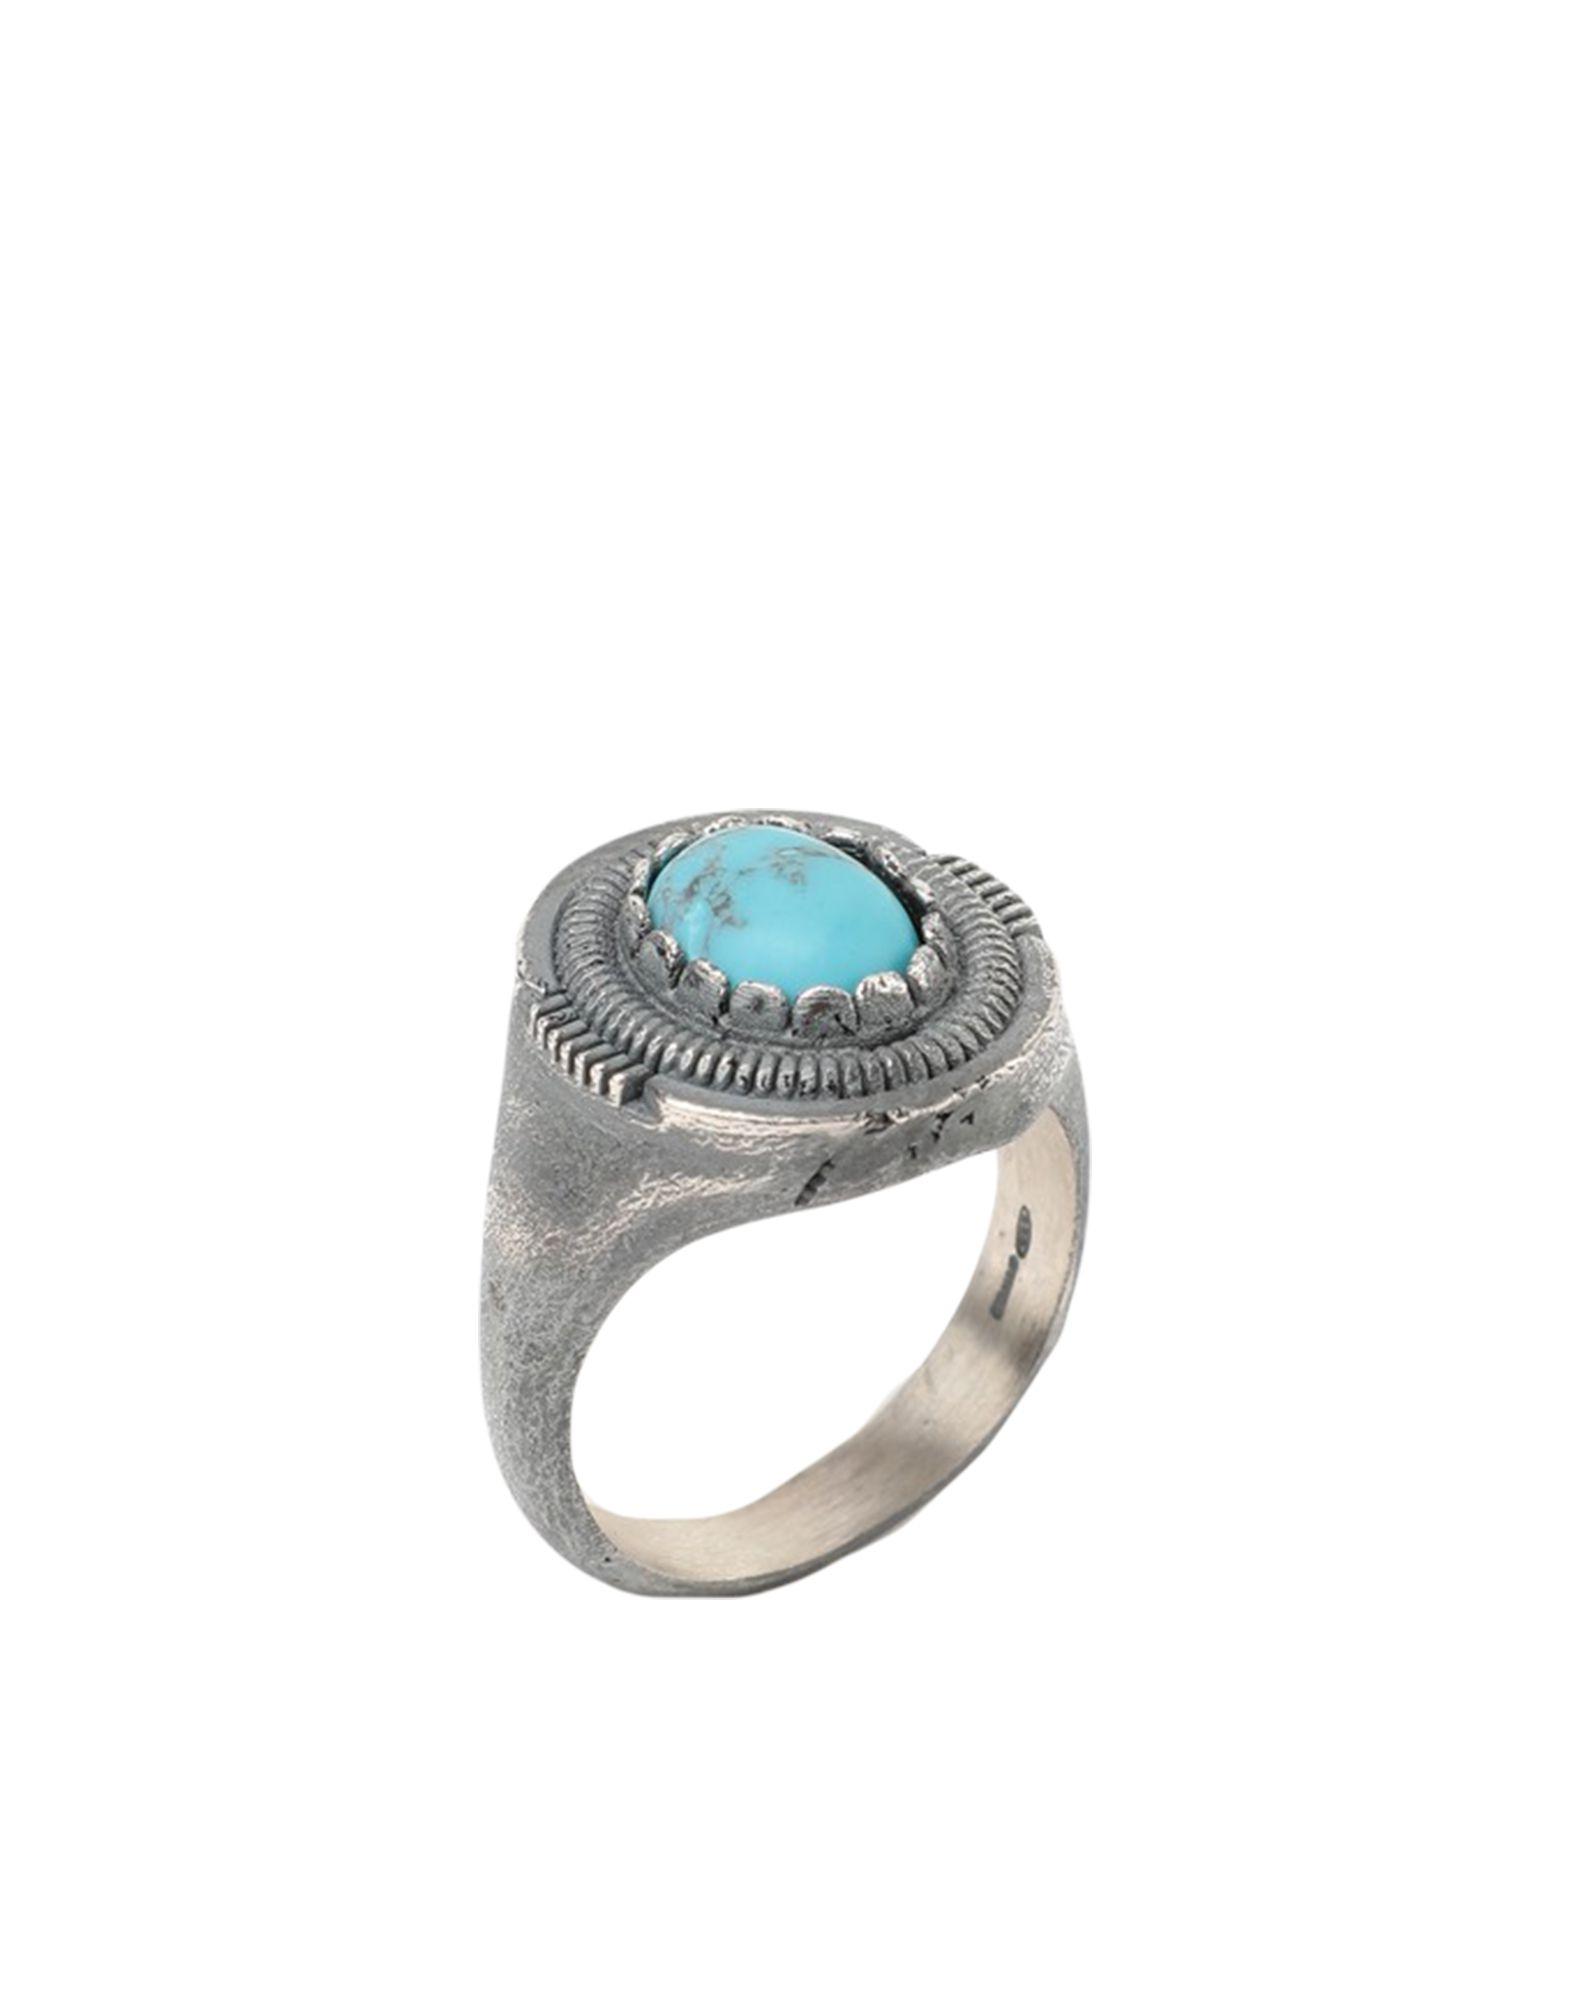 《セール開催中》NOVE25 メンズ 指輪 ターコイズブルー 19 シルバー925/1000 OVAL TURQUOISE SHIELD SIGNET